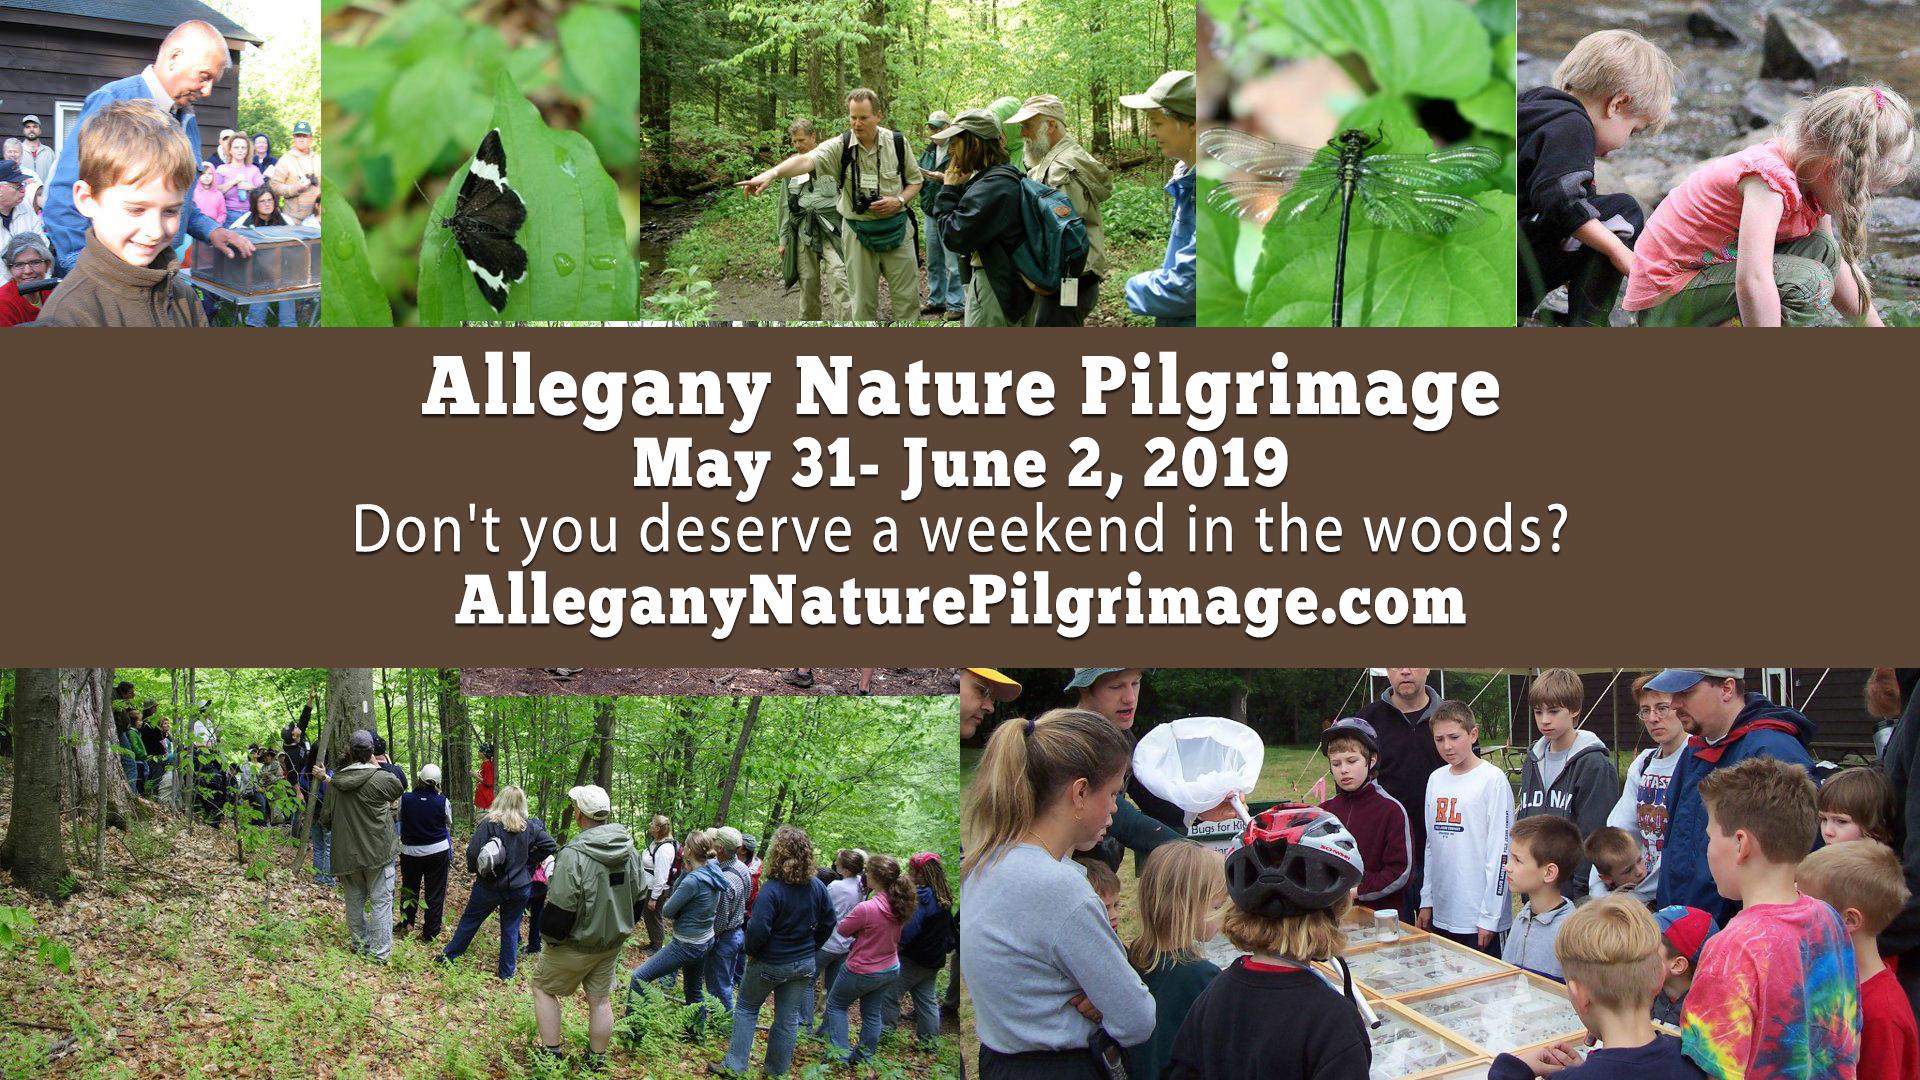 Allegany Nature Pilgrimage 2019